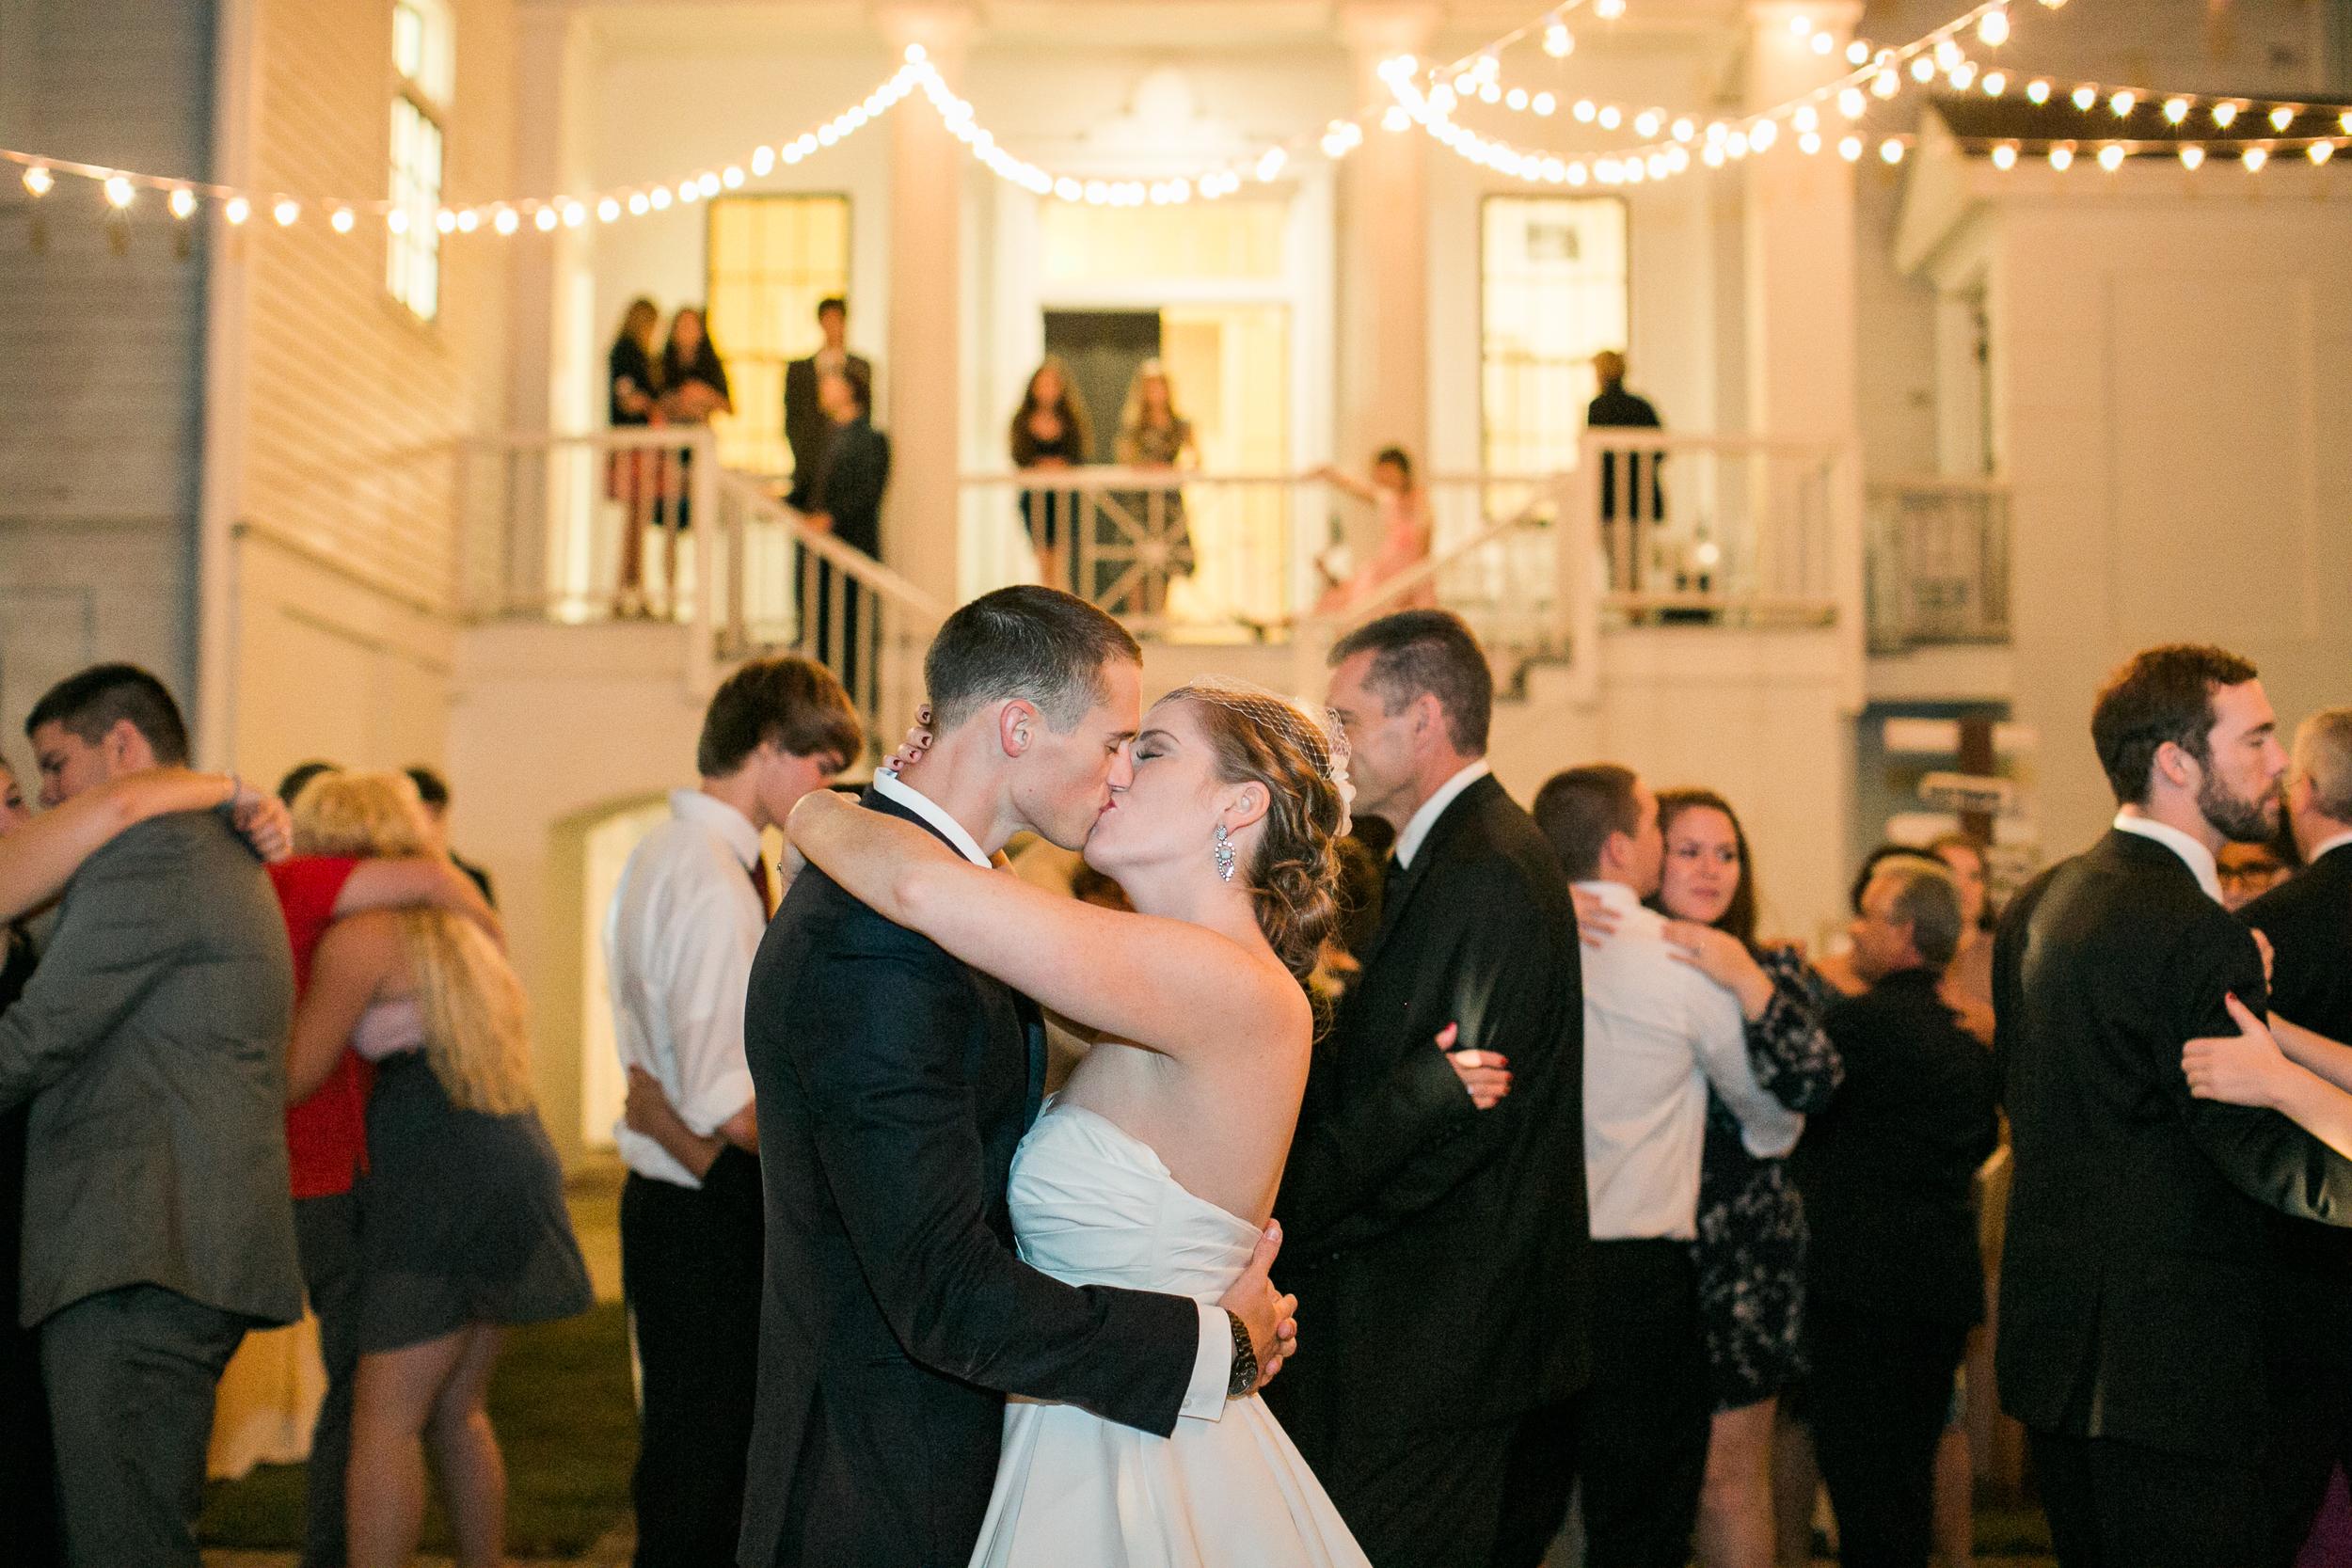 Aiken wedding photographer Chloe Giancola